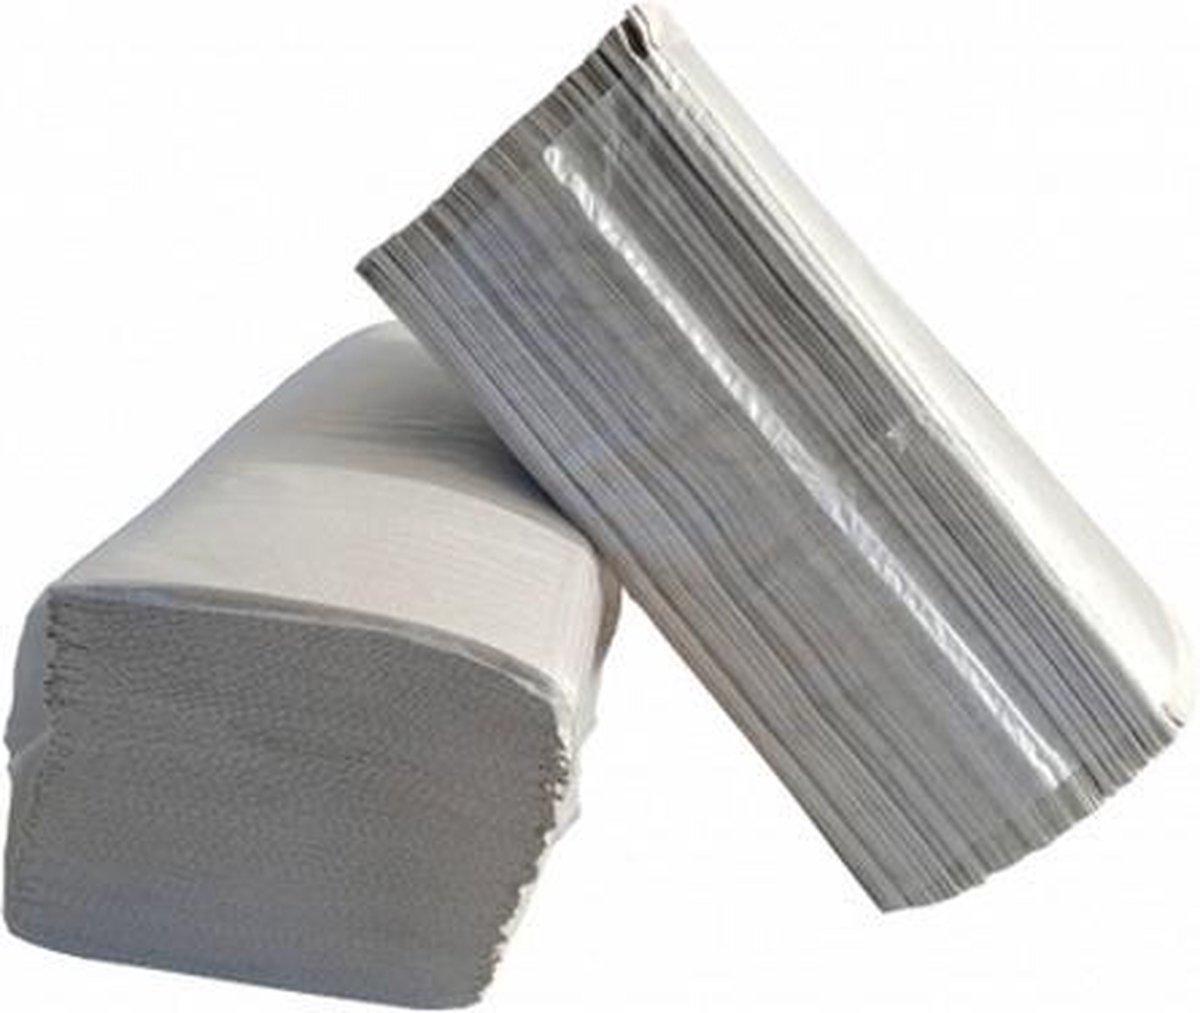 Handdoekpapier Z-vouw naturel 1-laags 23x25 cm - 20x250 stuks